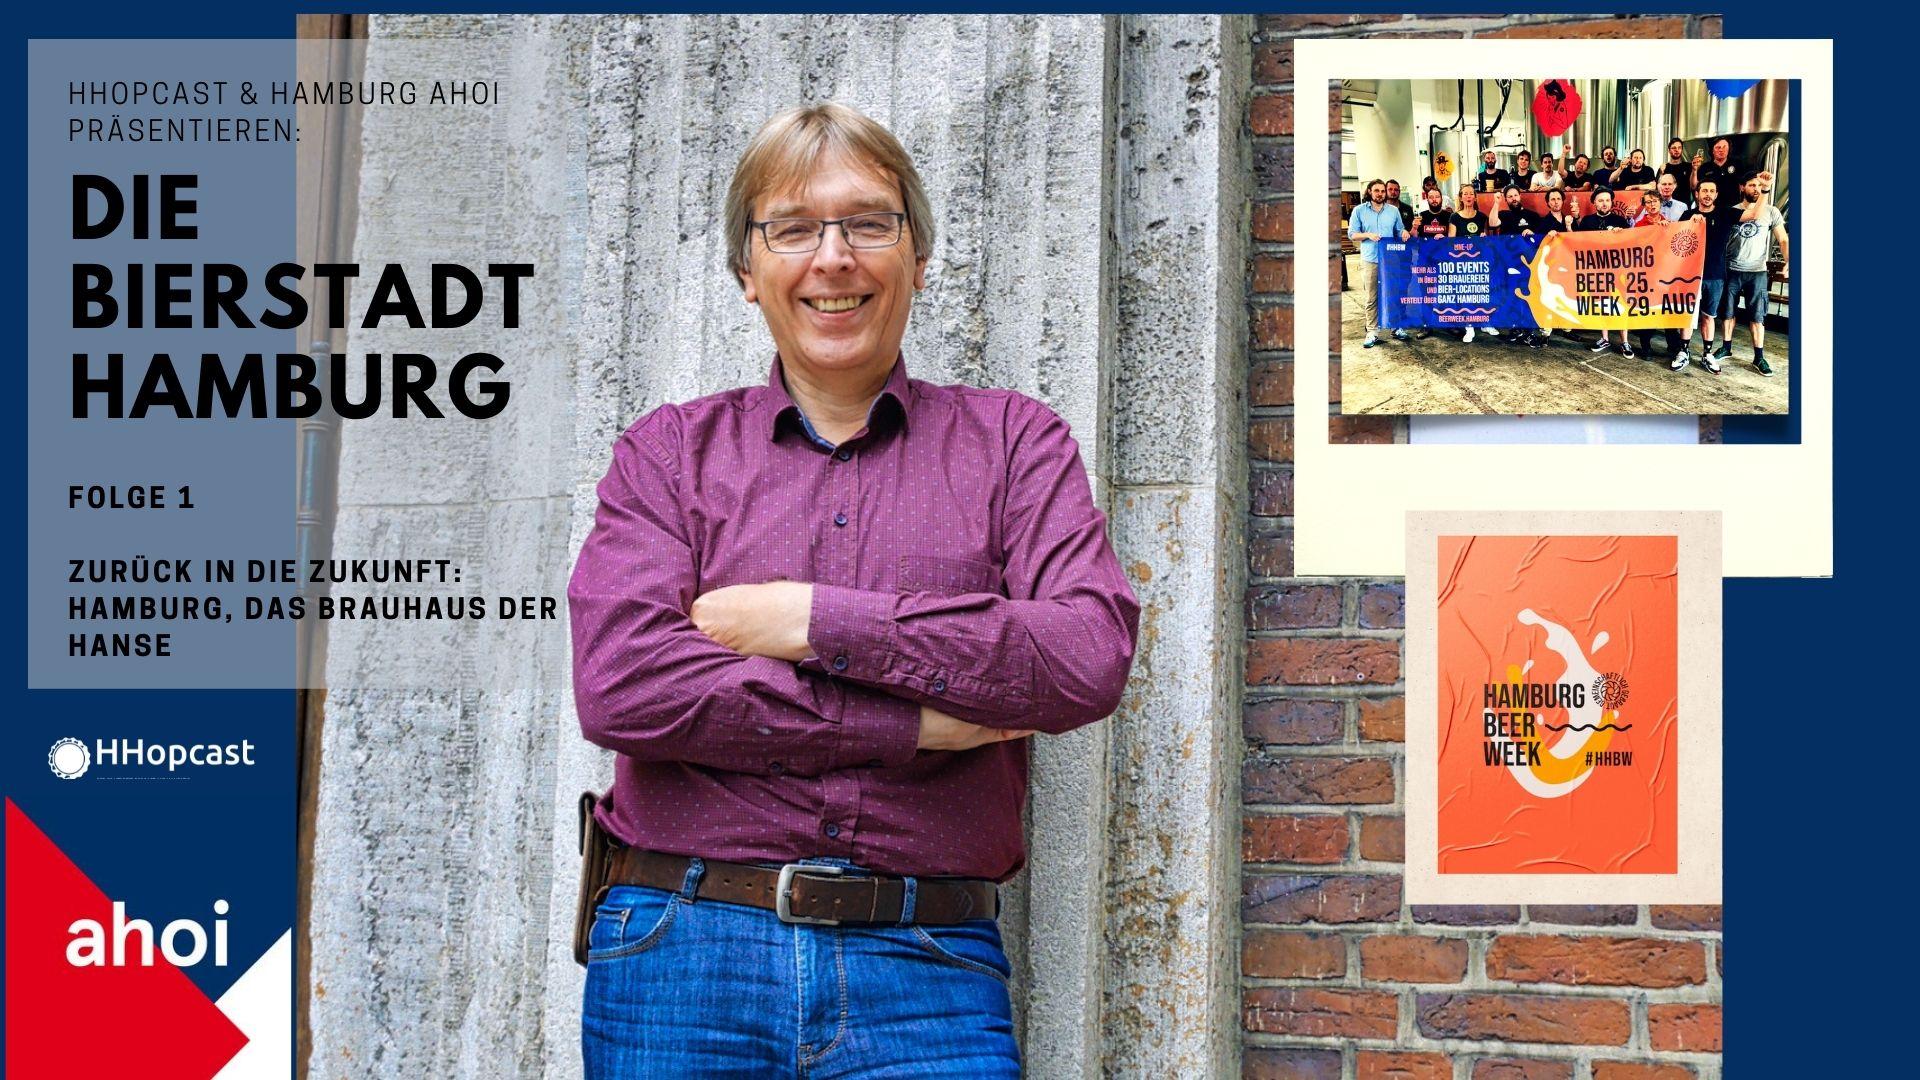 Dr. Ralf Wiechmann erzählt über die Bierstadt Hamburg